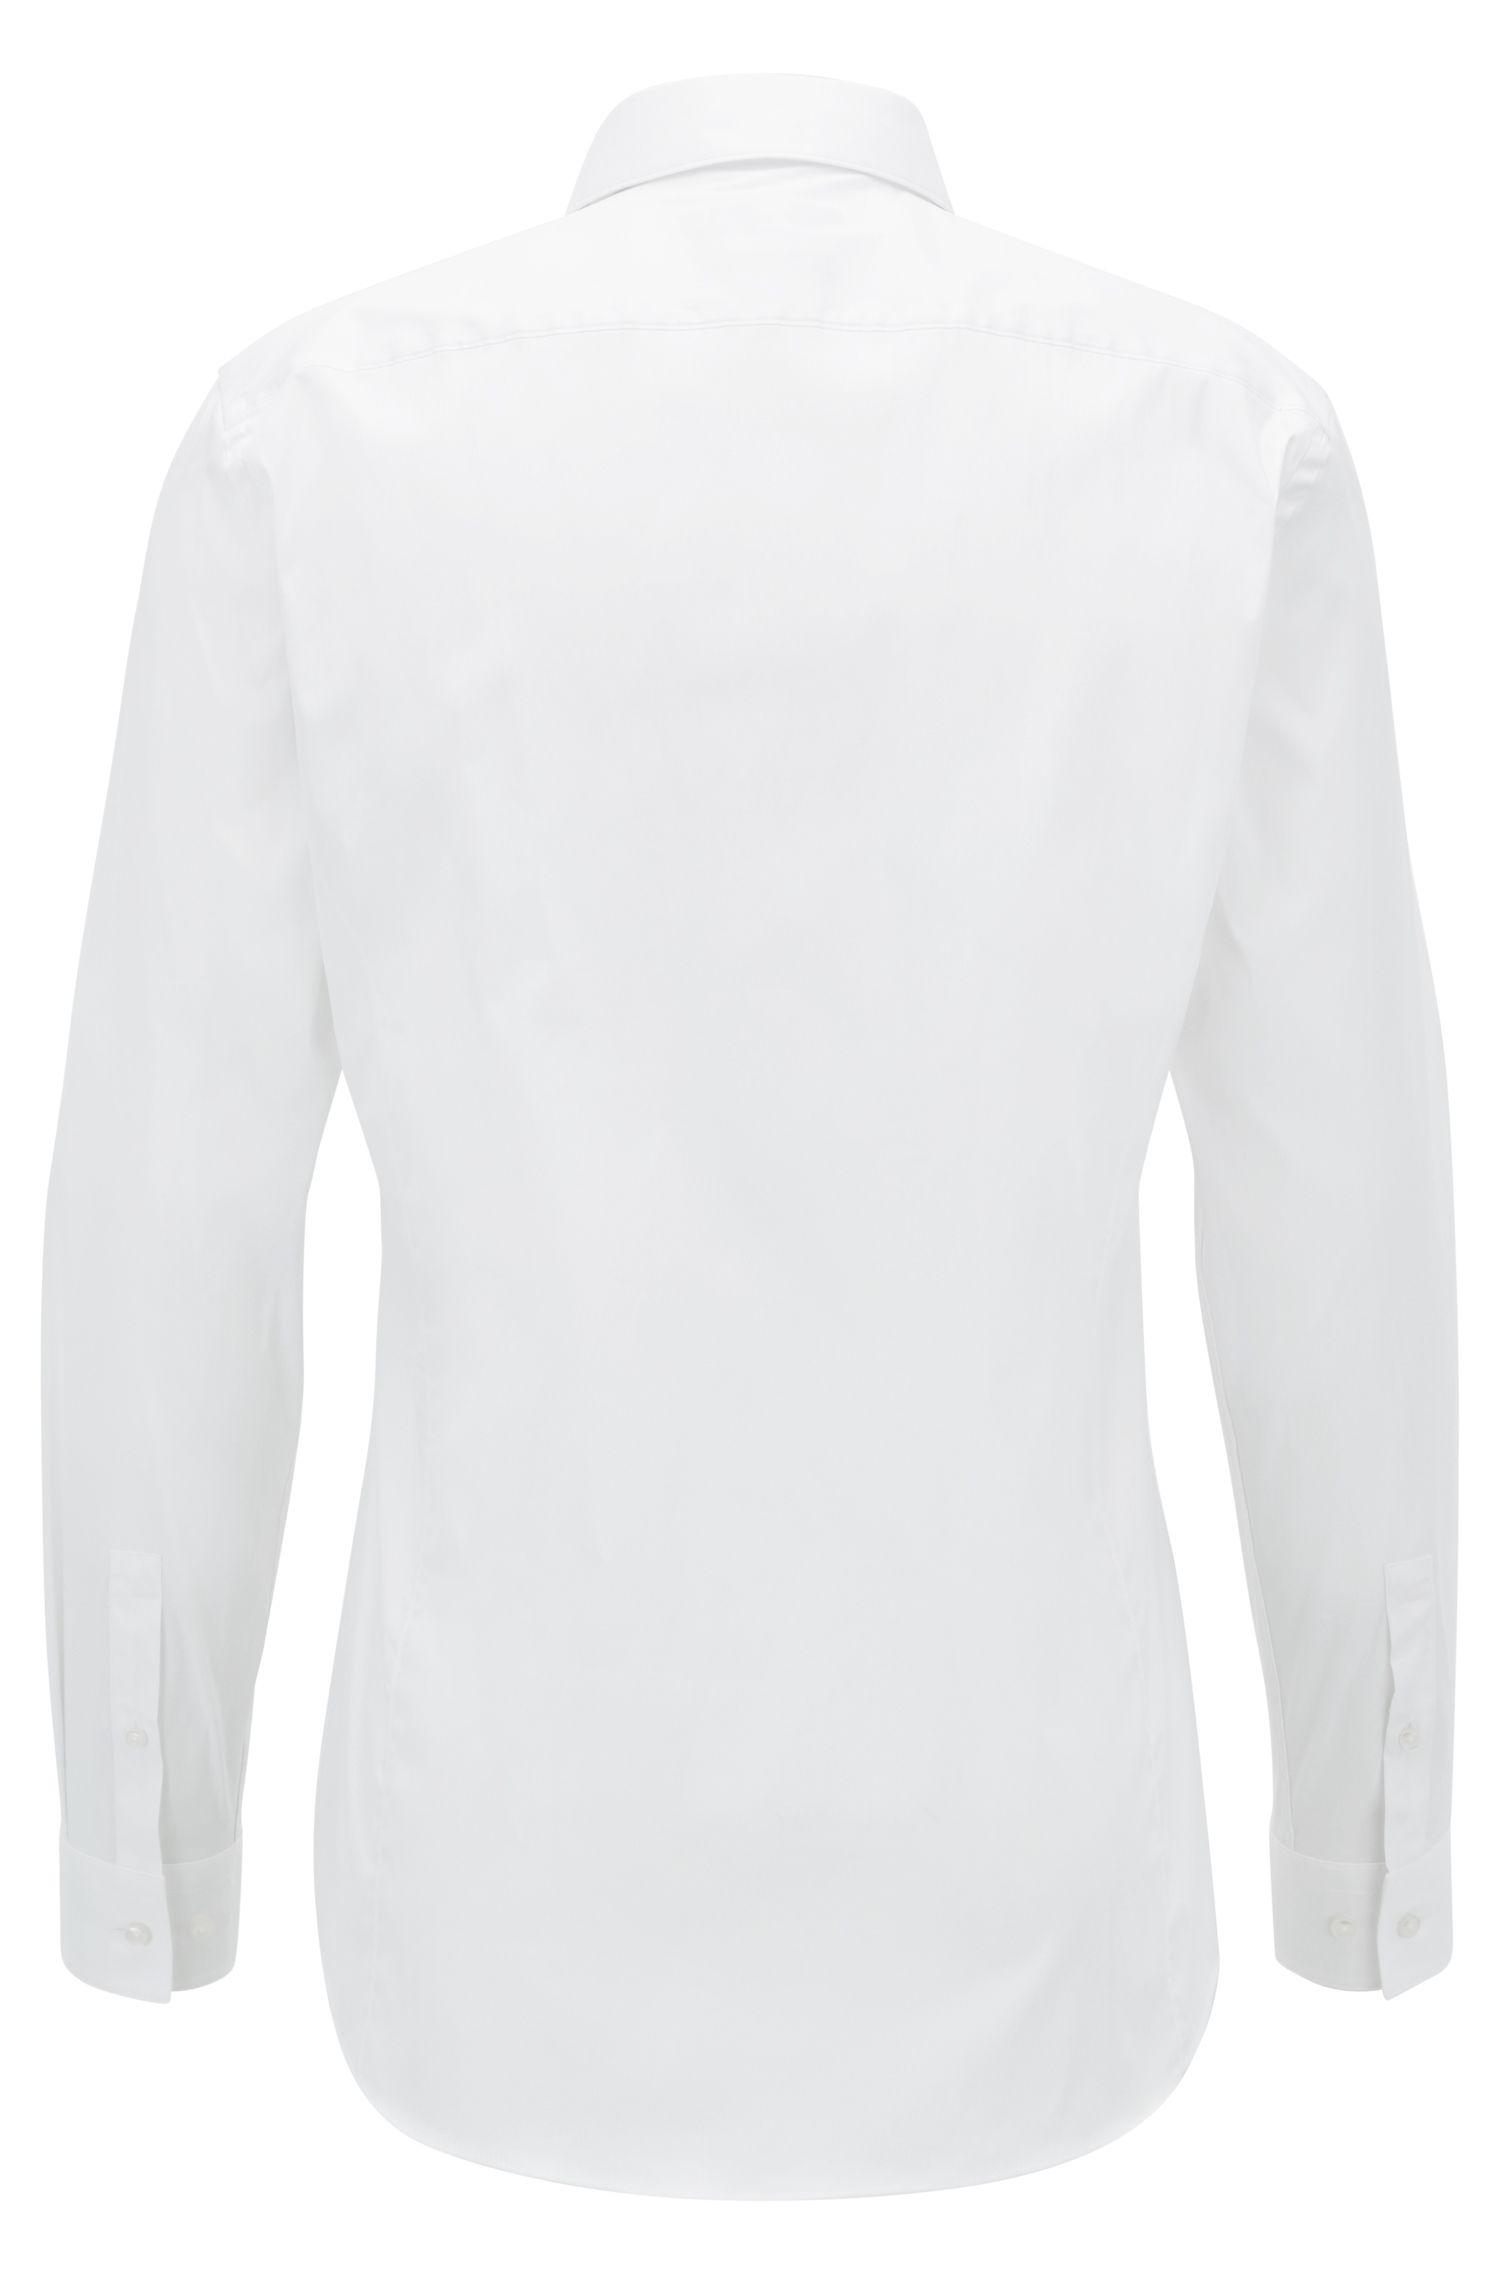 Cotton Blend Shirt, Slim Fit | Ilan, White